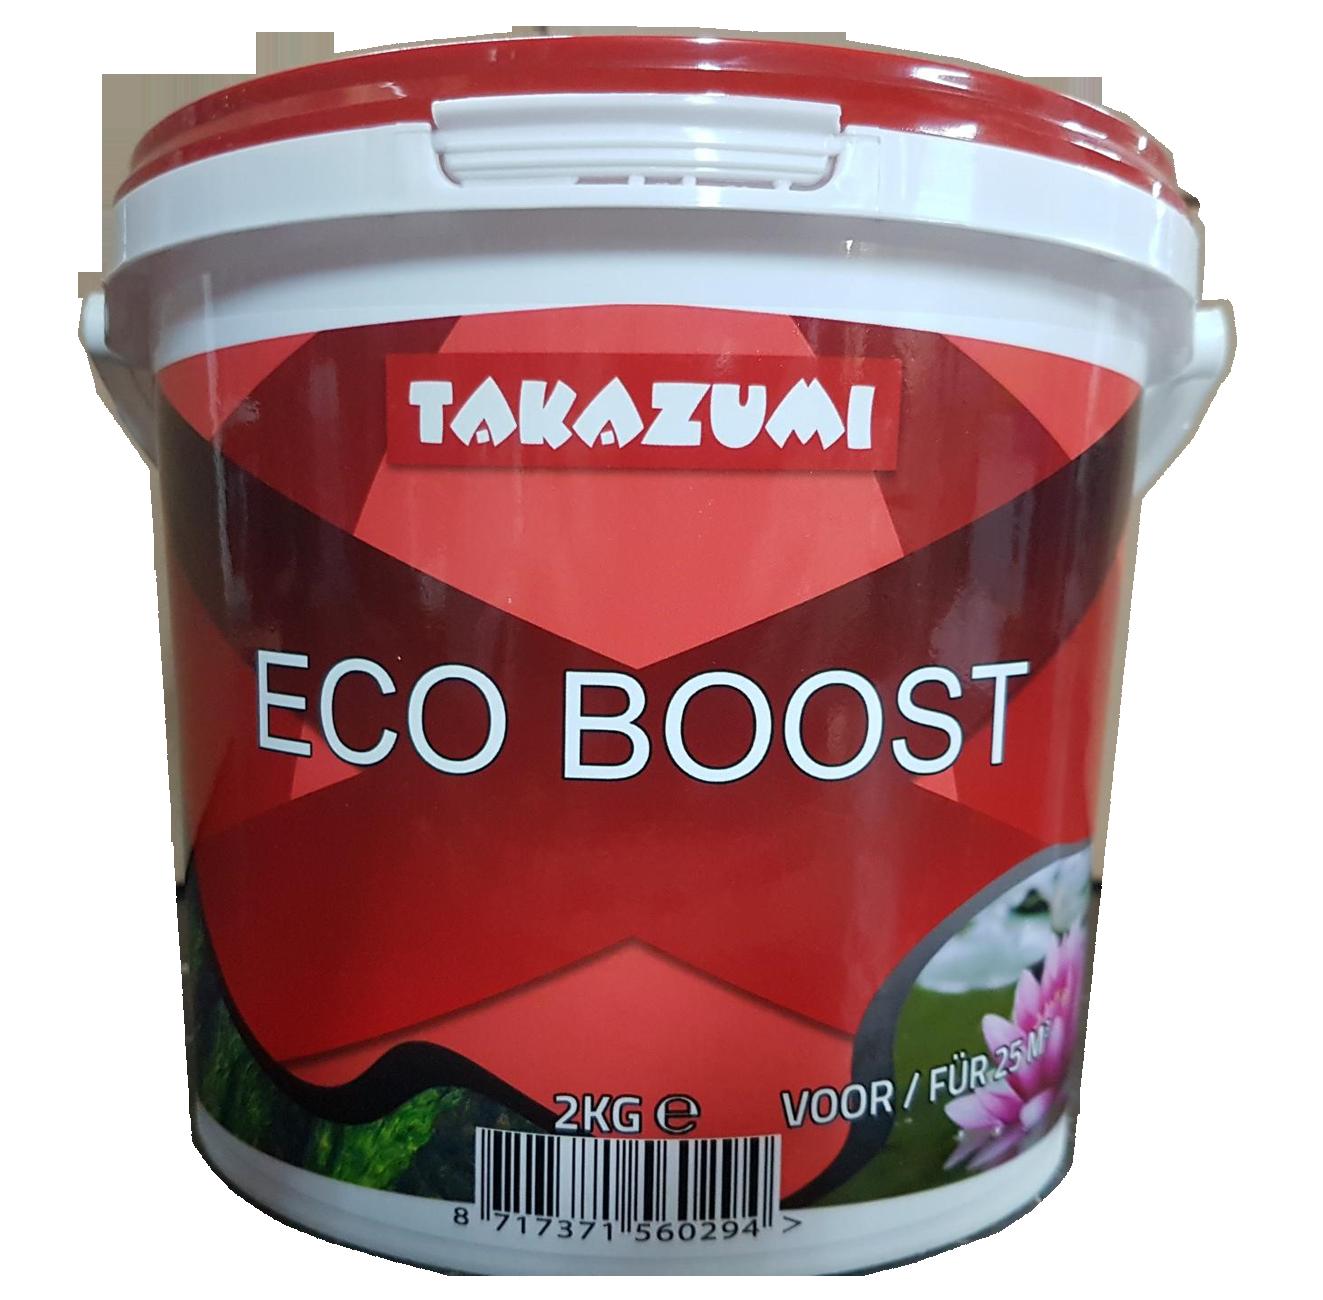 Eco Boost - 2 Kilo | Takazumi